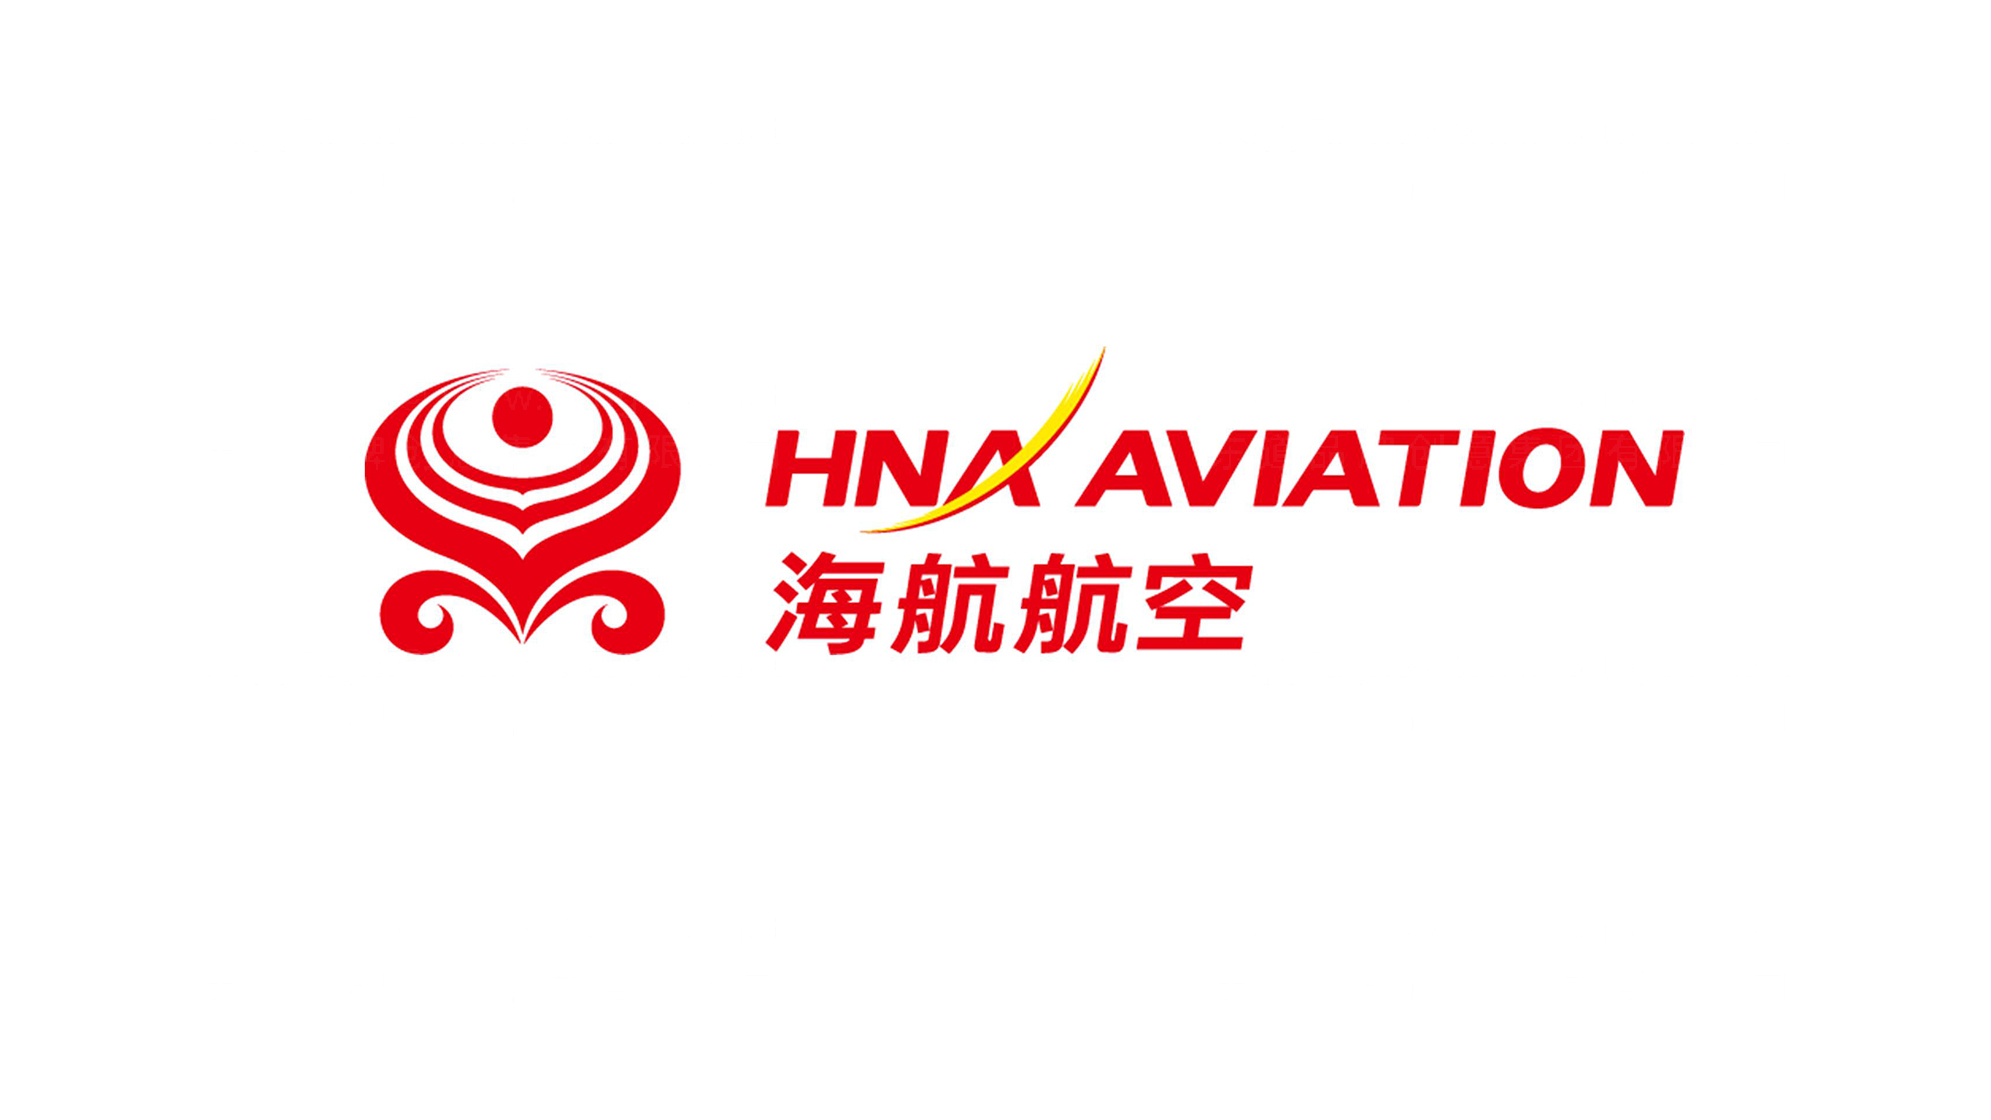 航空航天品牌设计海航航空VI设计